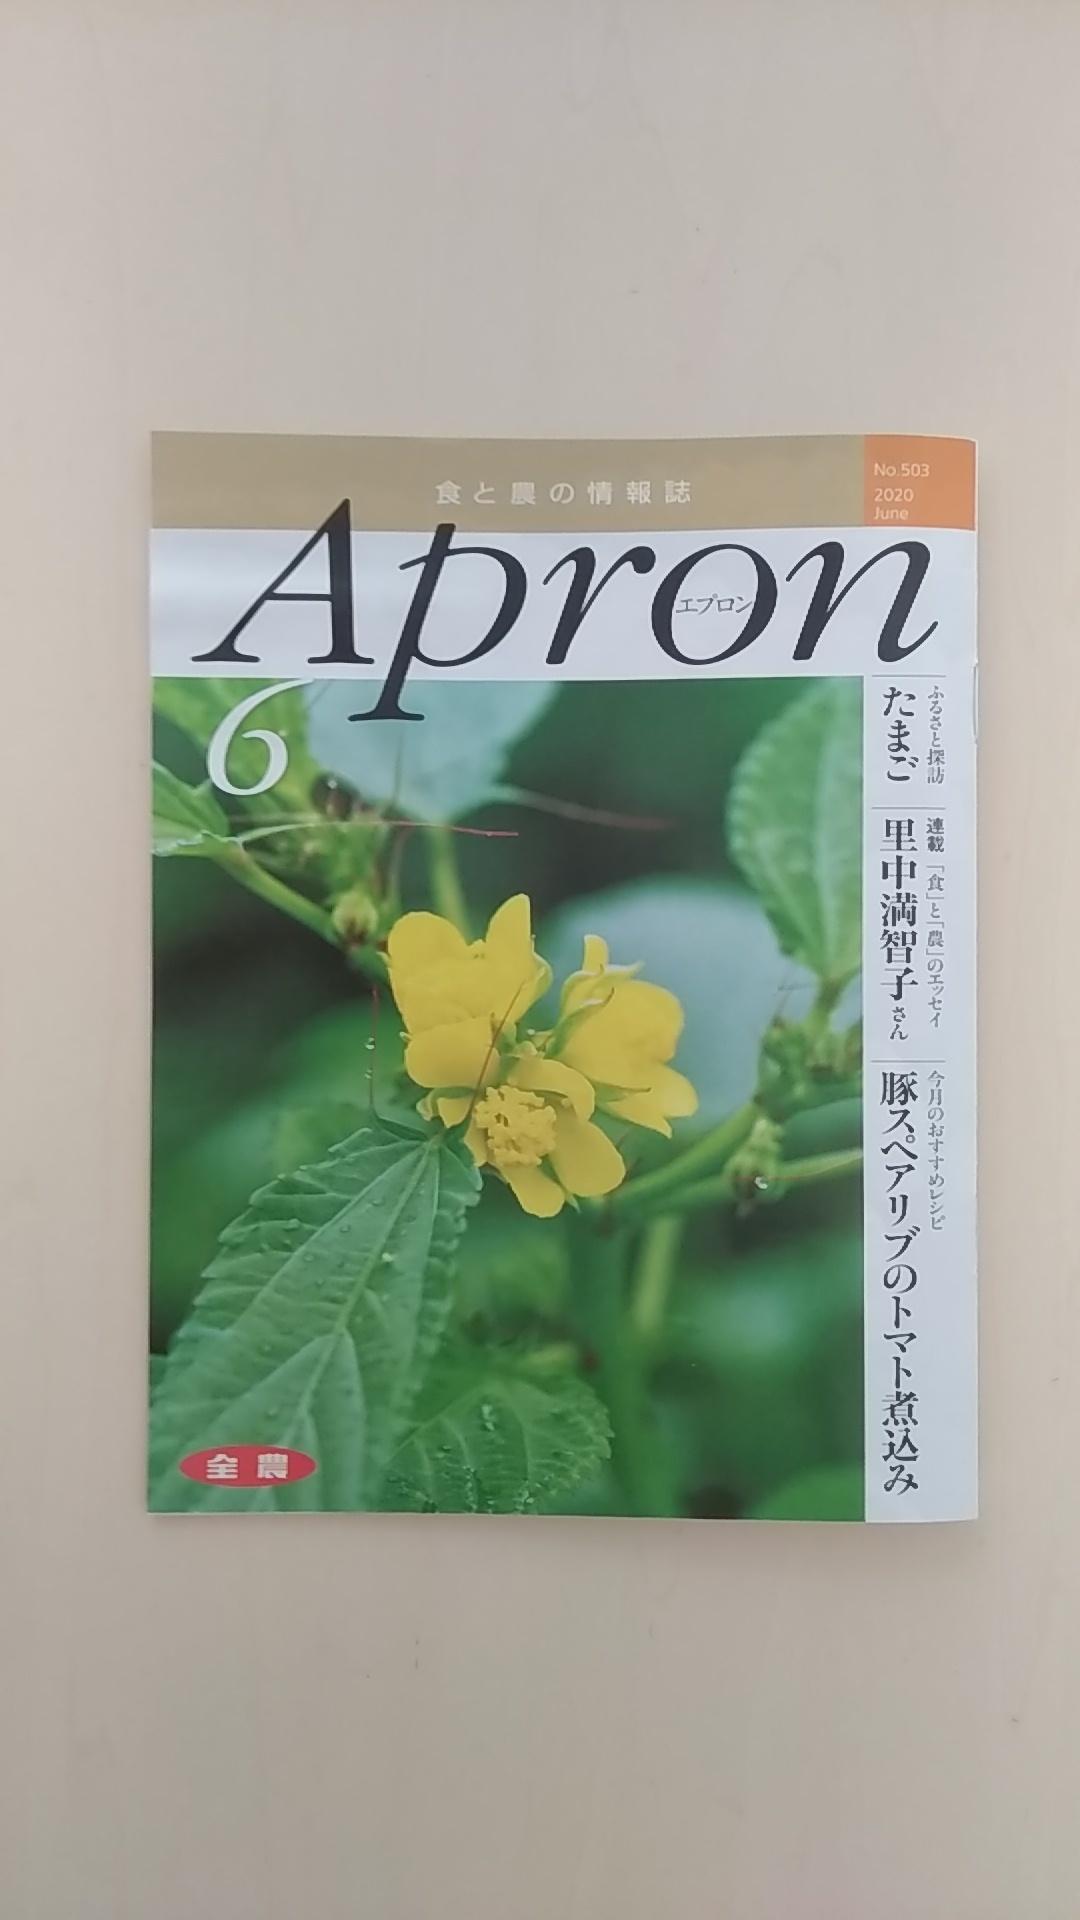 食と農の情報誌エプロン・六月号で乳和食のこと、紹介して頂きました♪_b0204930_09372931.jpg